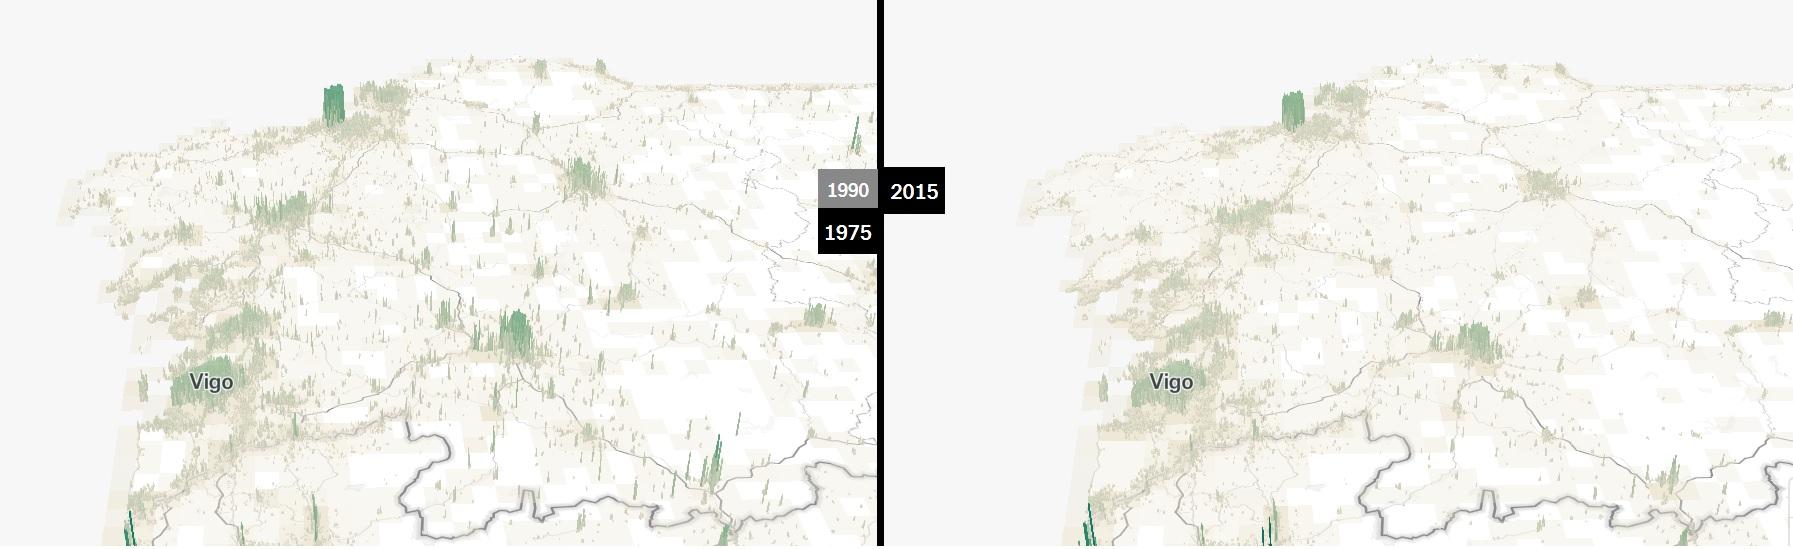 Comparativa da poboación de Galicia entre 1975 e 2015. Fonte: The Pudding.